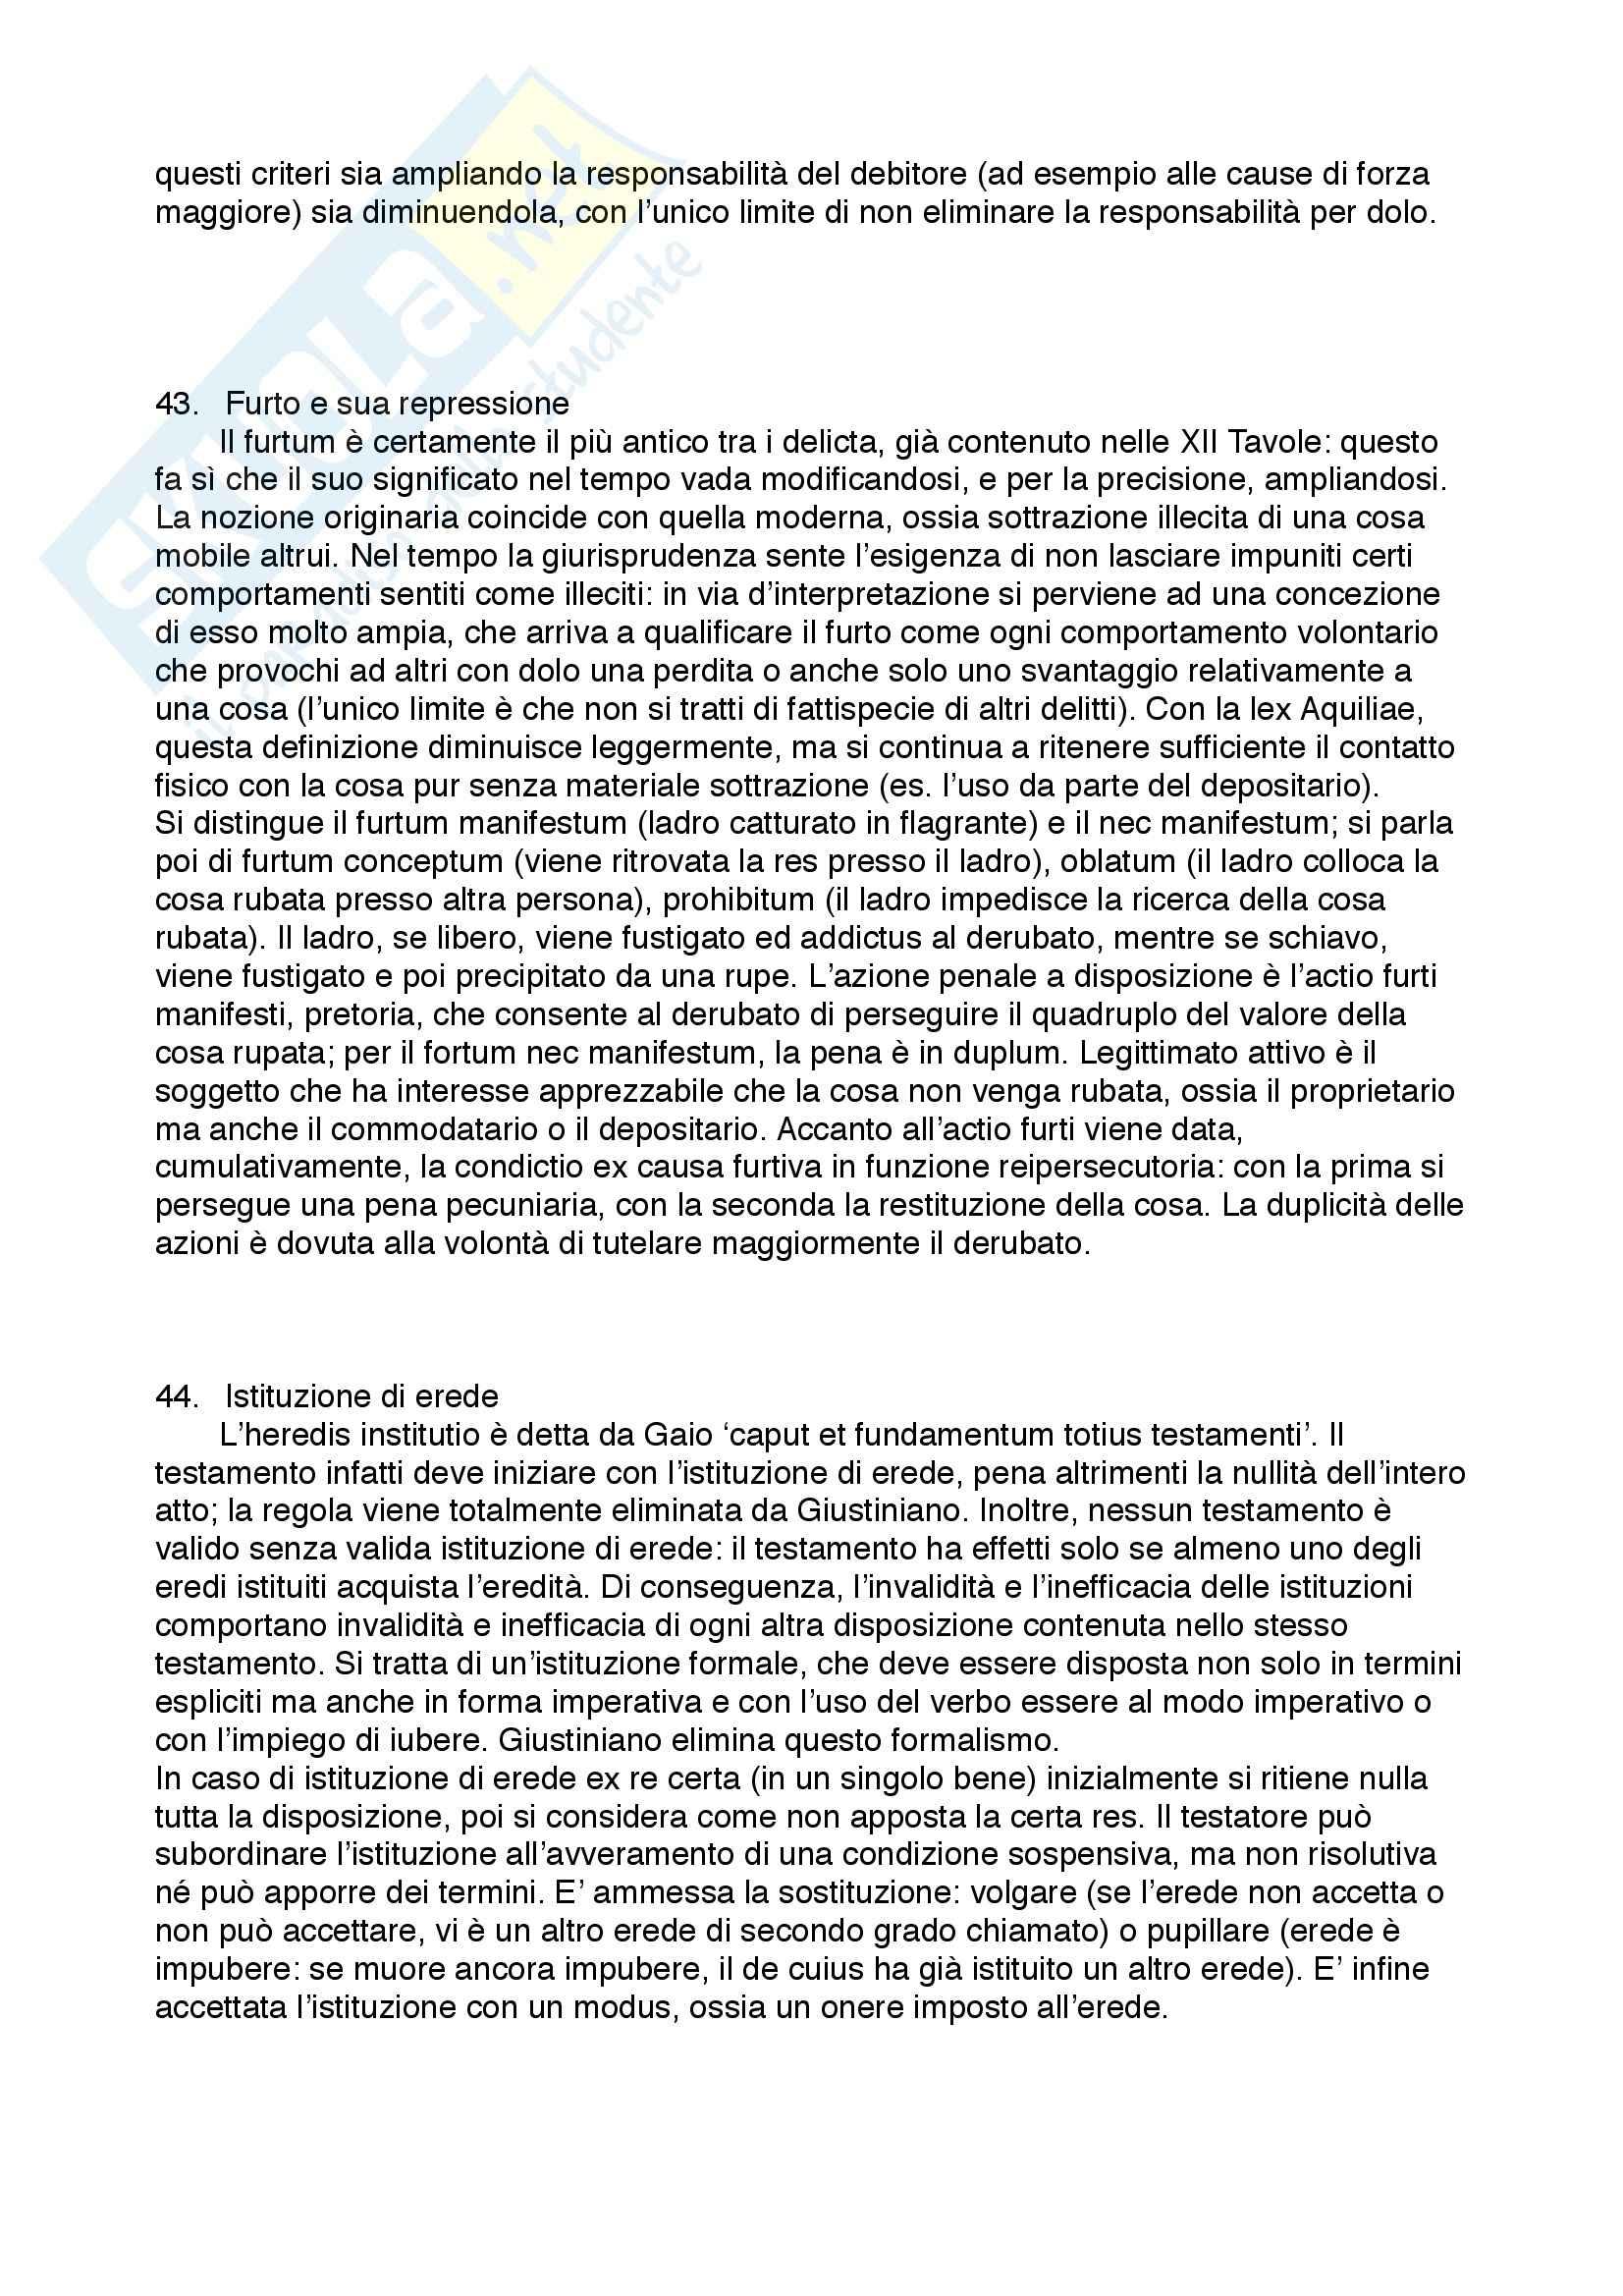 Diritto privato romano - 100 Domande e Risposte - Programma completo - Università di Torino Pag. 21